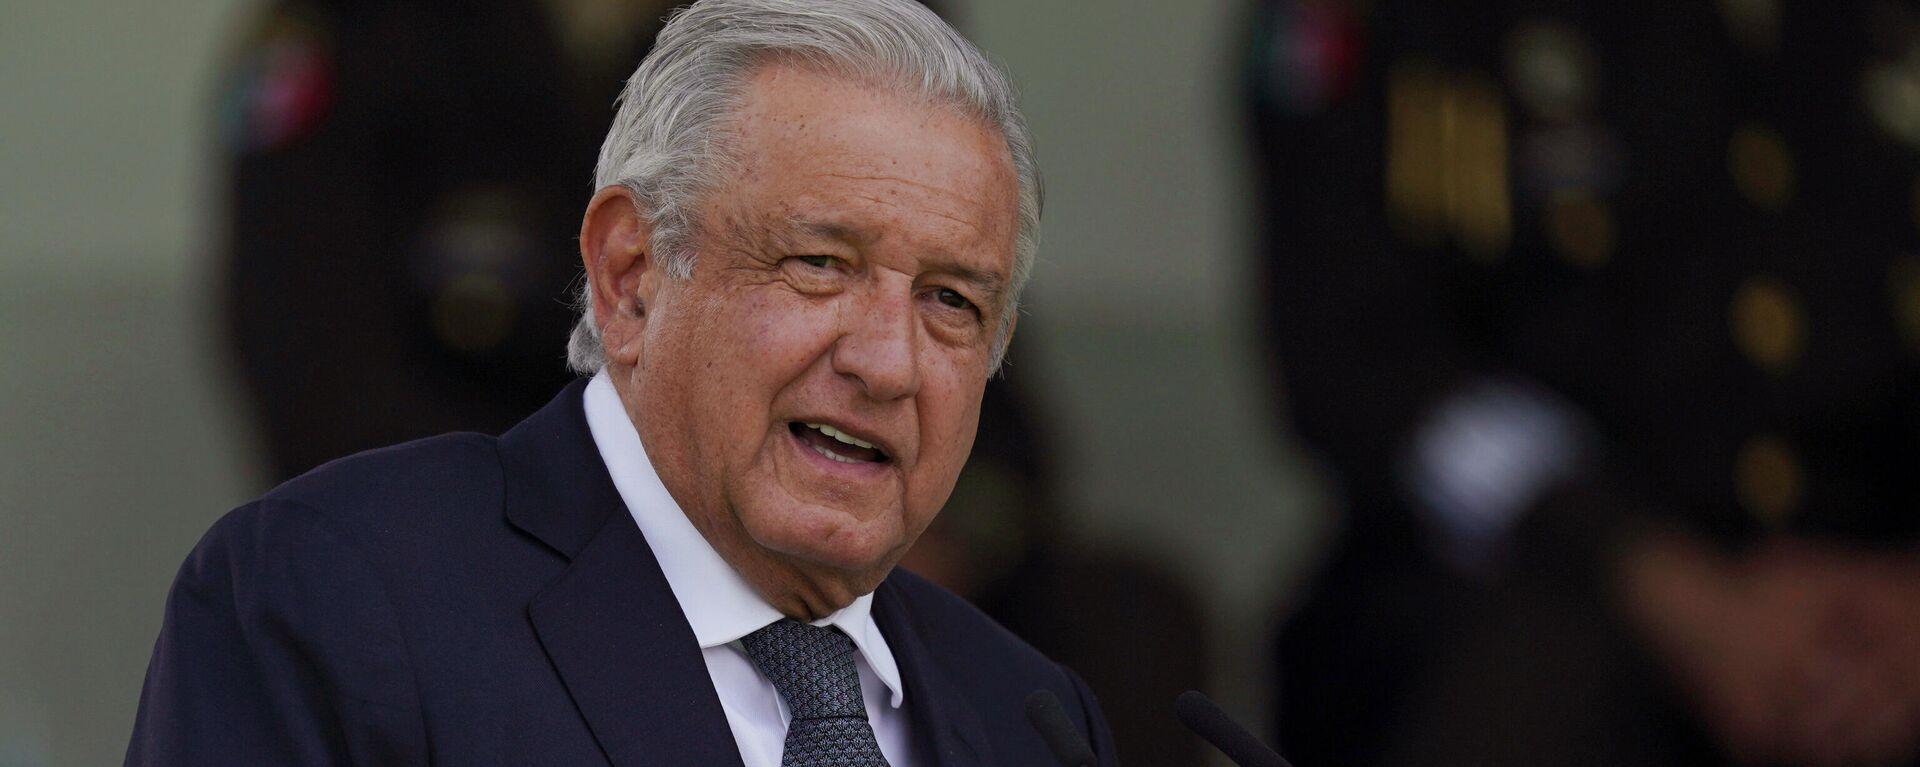 Andrés Manuel López Obrador, presidente de México, - Sputnik Mundo, 1920, 30.09.2021